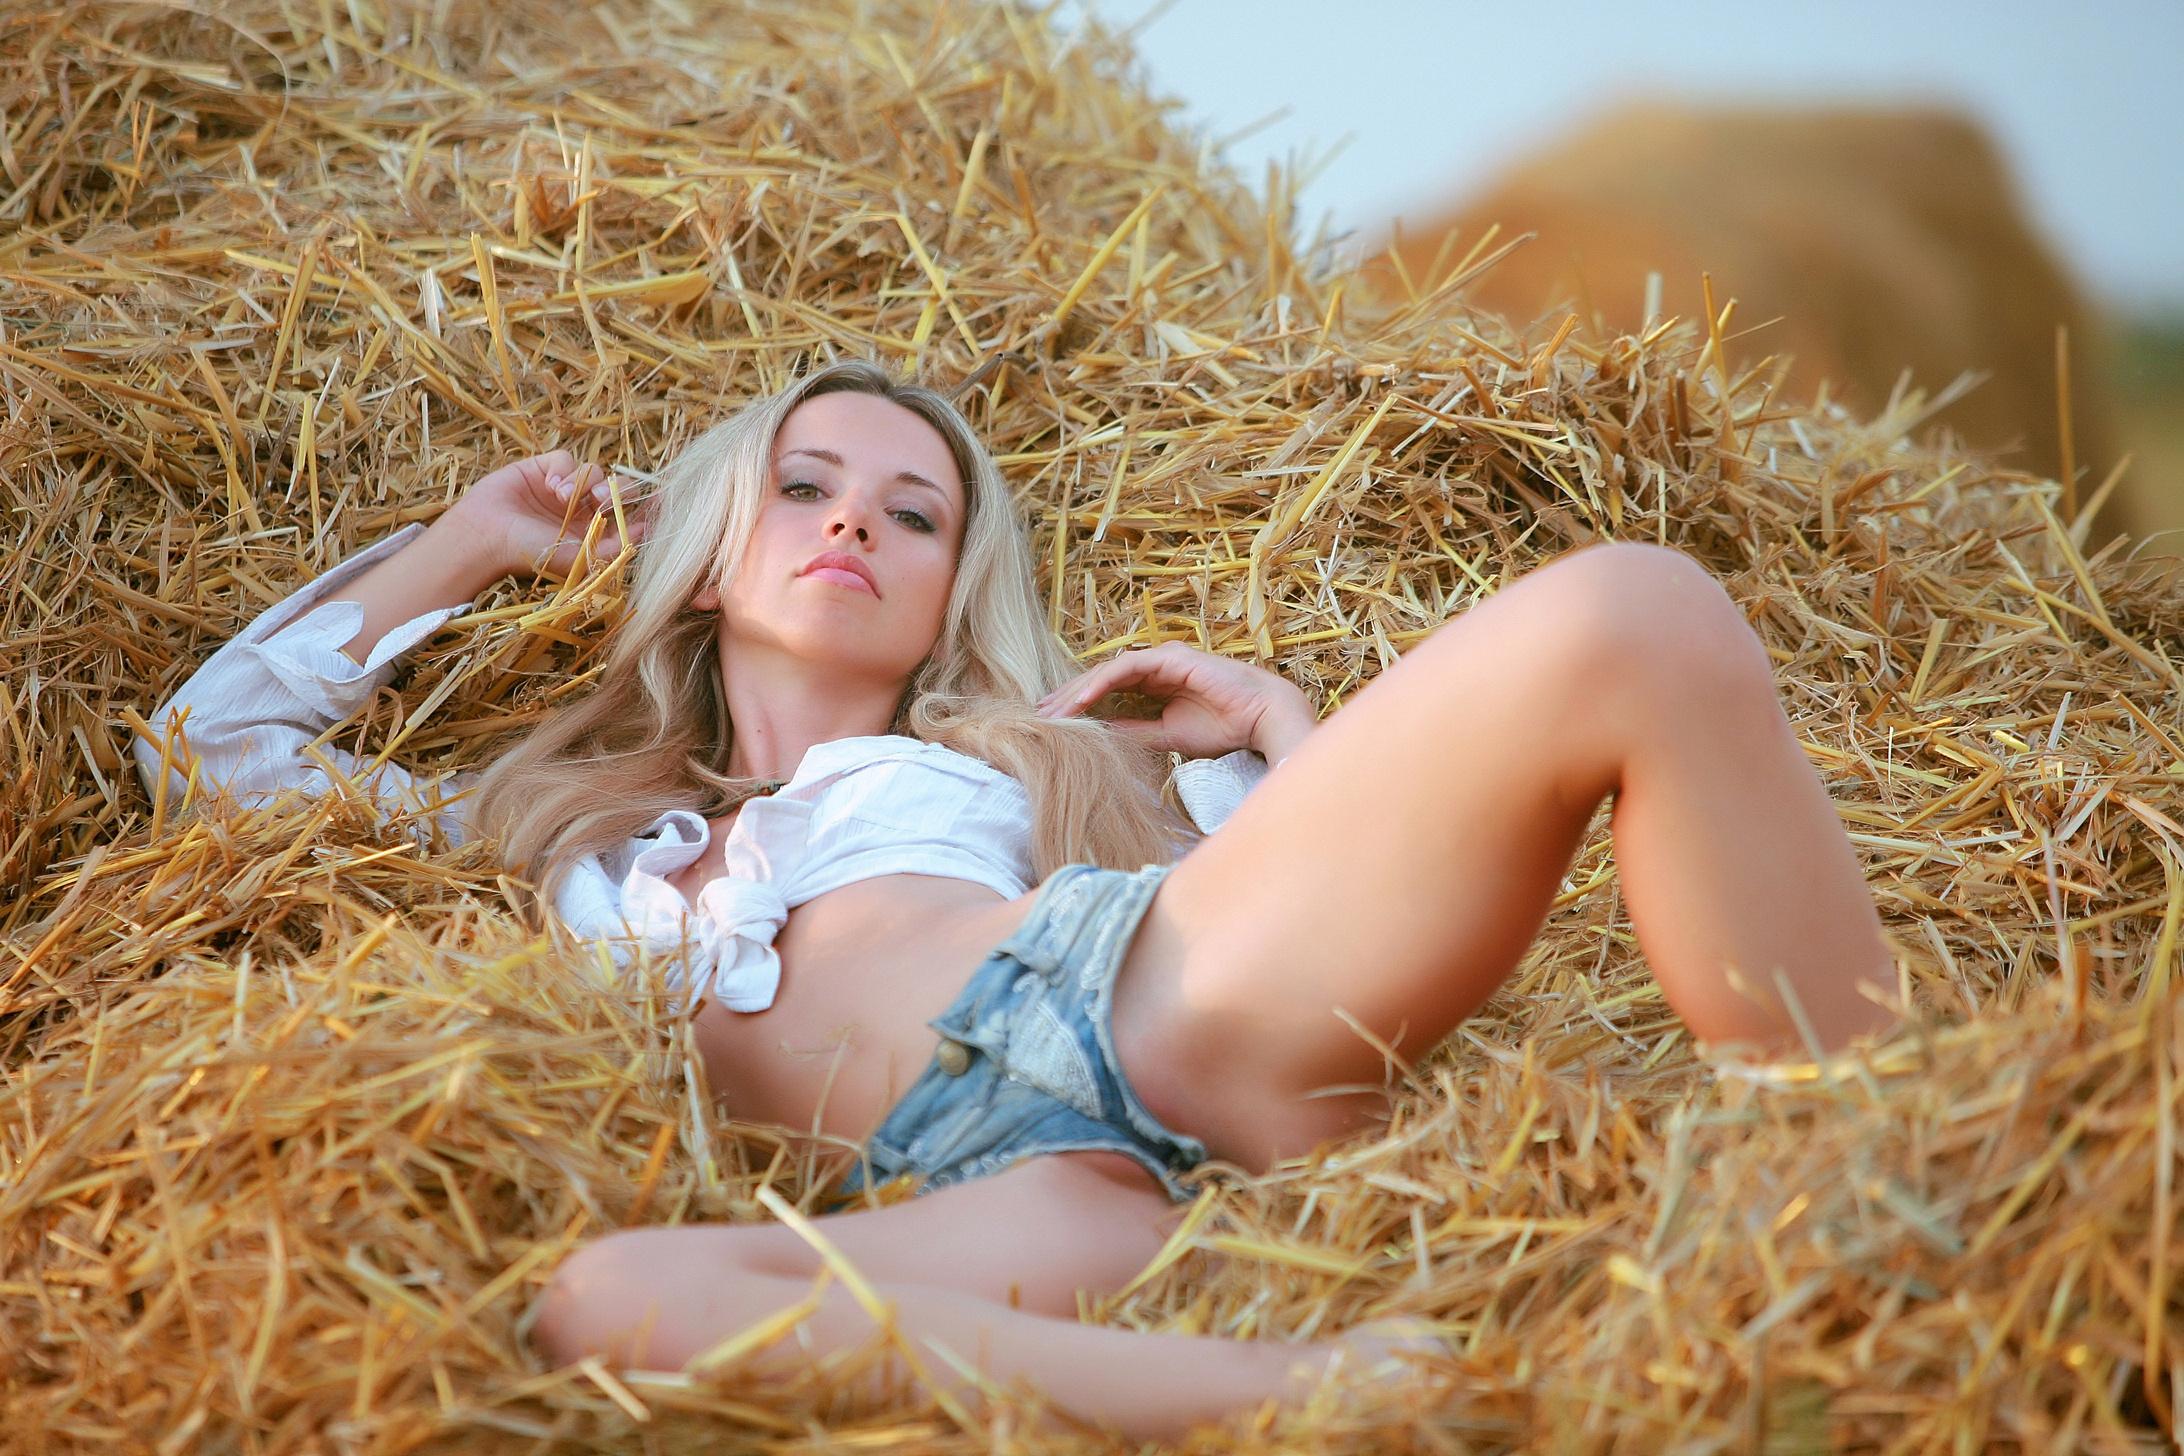 Смотреть блондиночки онлайн бесплатно 18 фотография